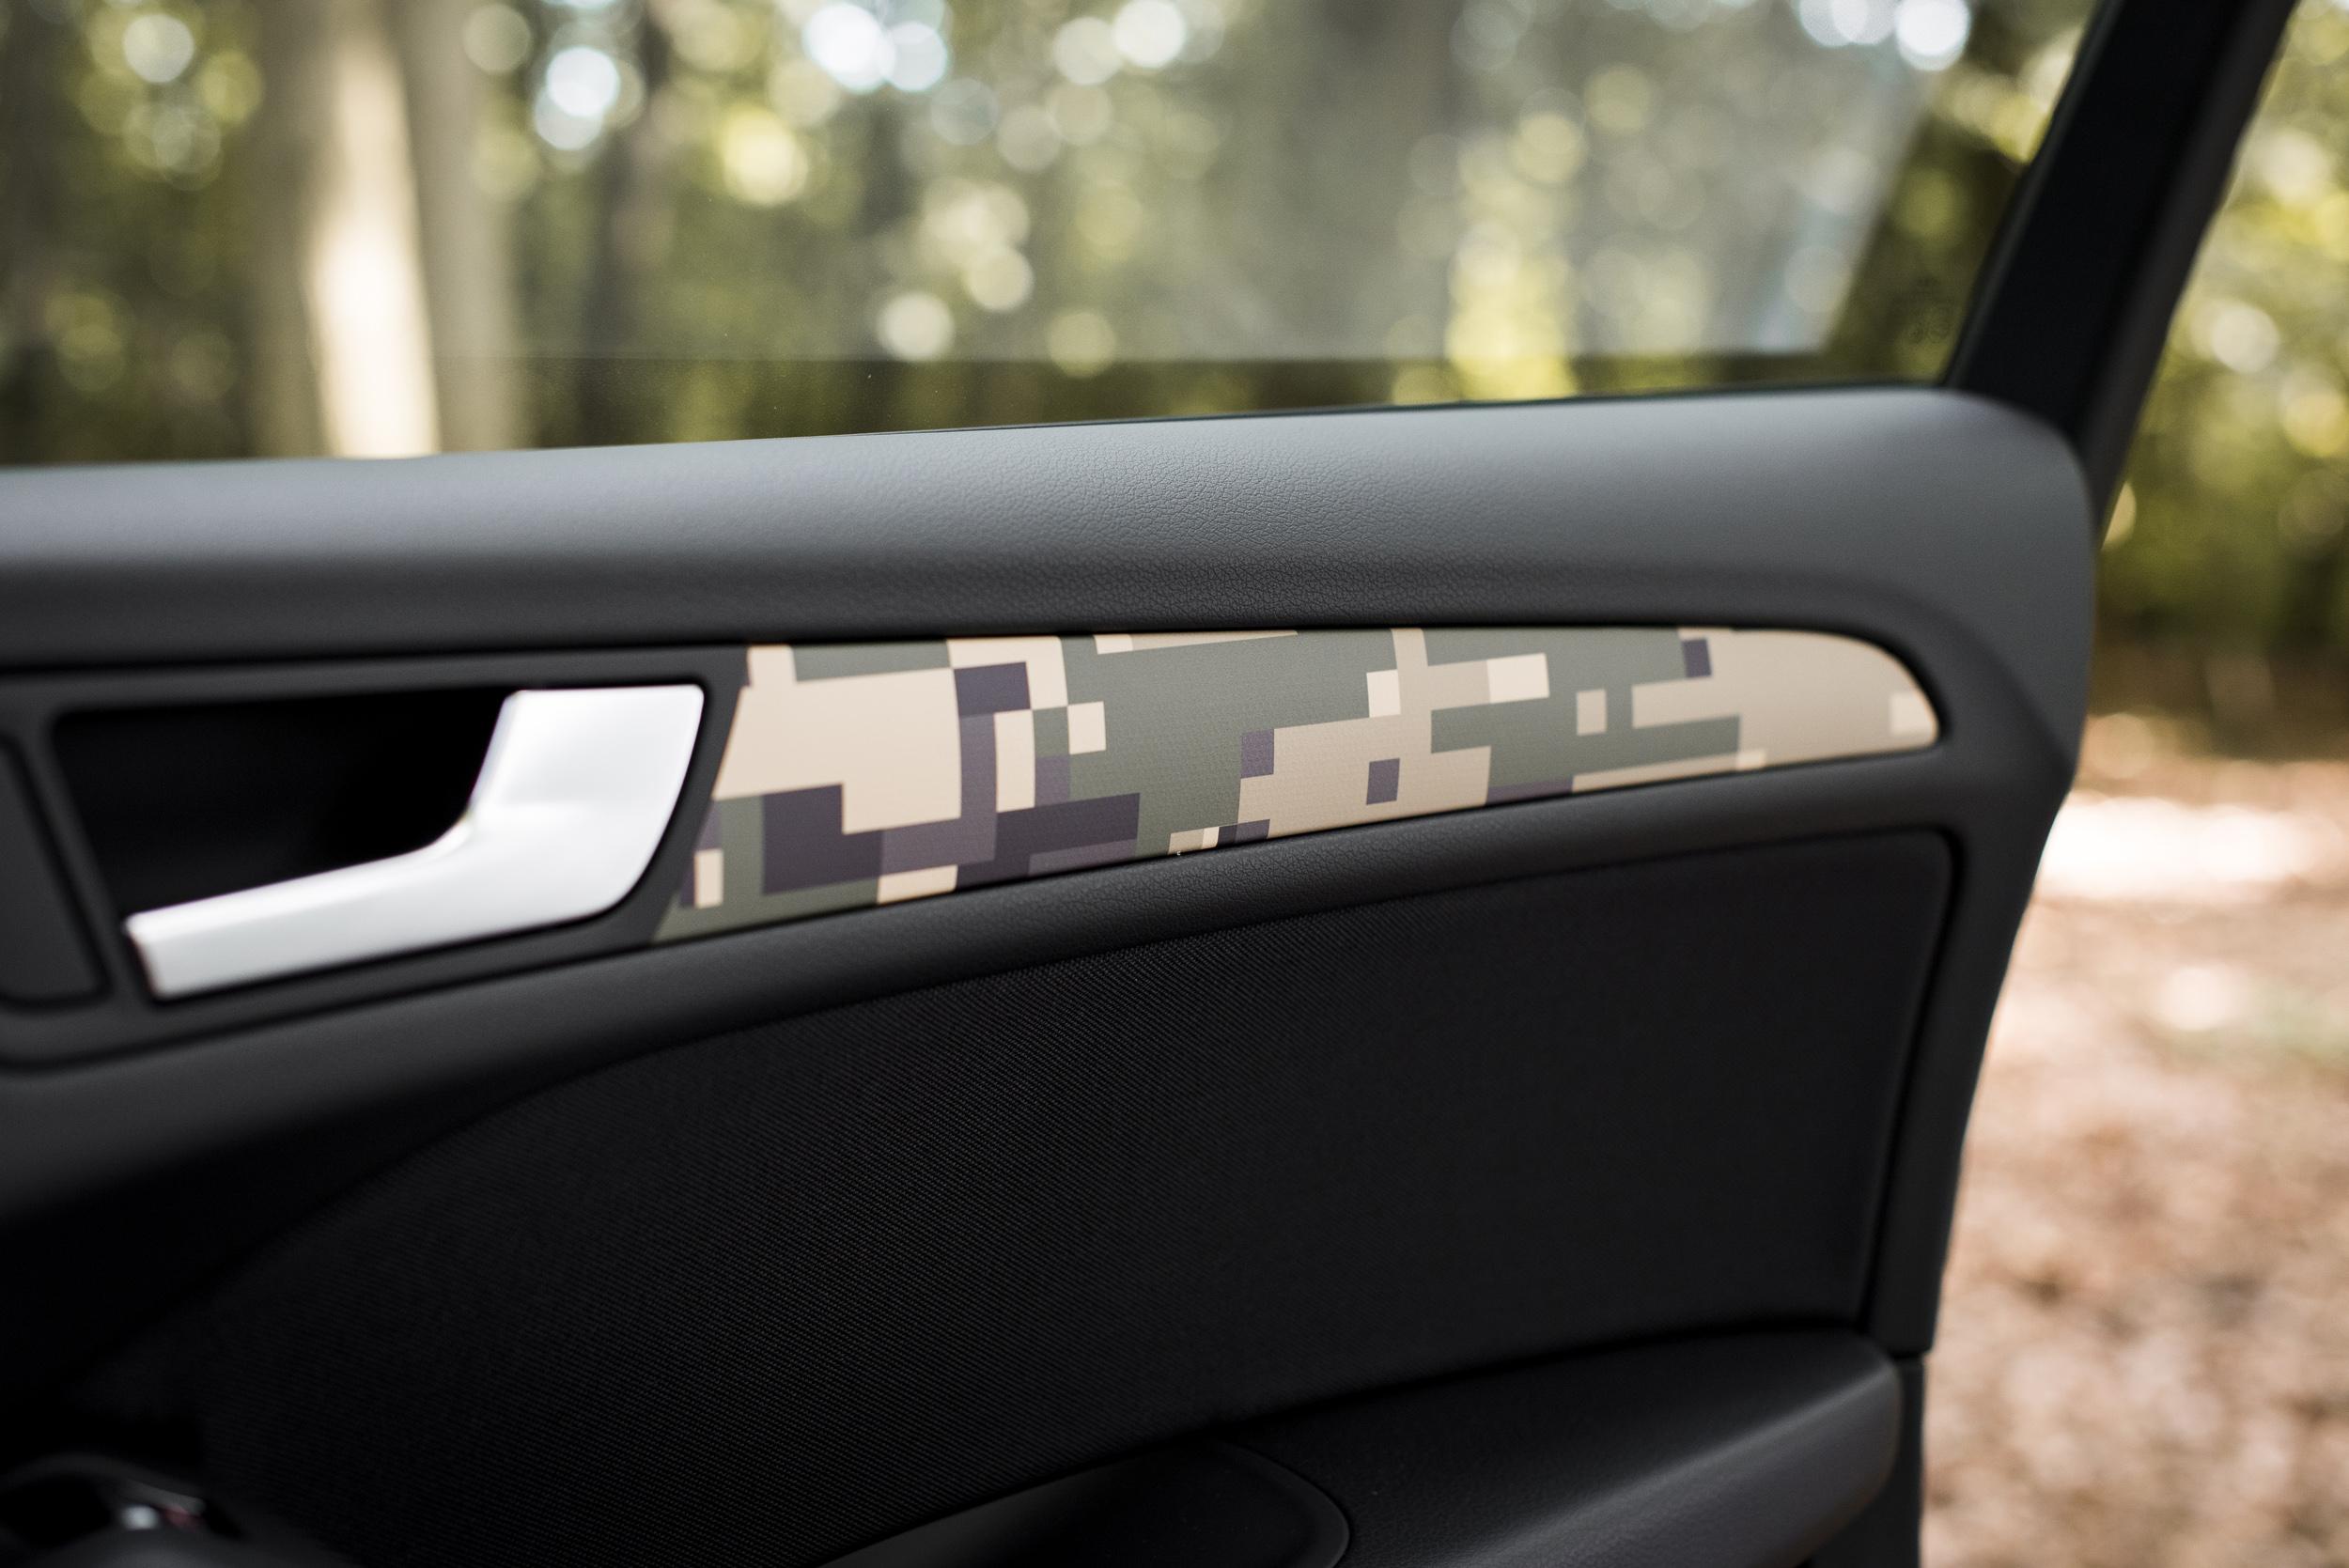 Audi Q5 quattro - hunting experience